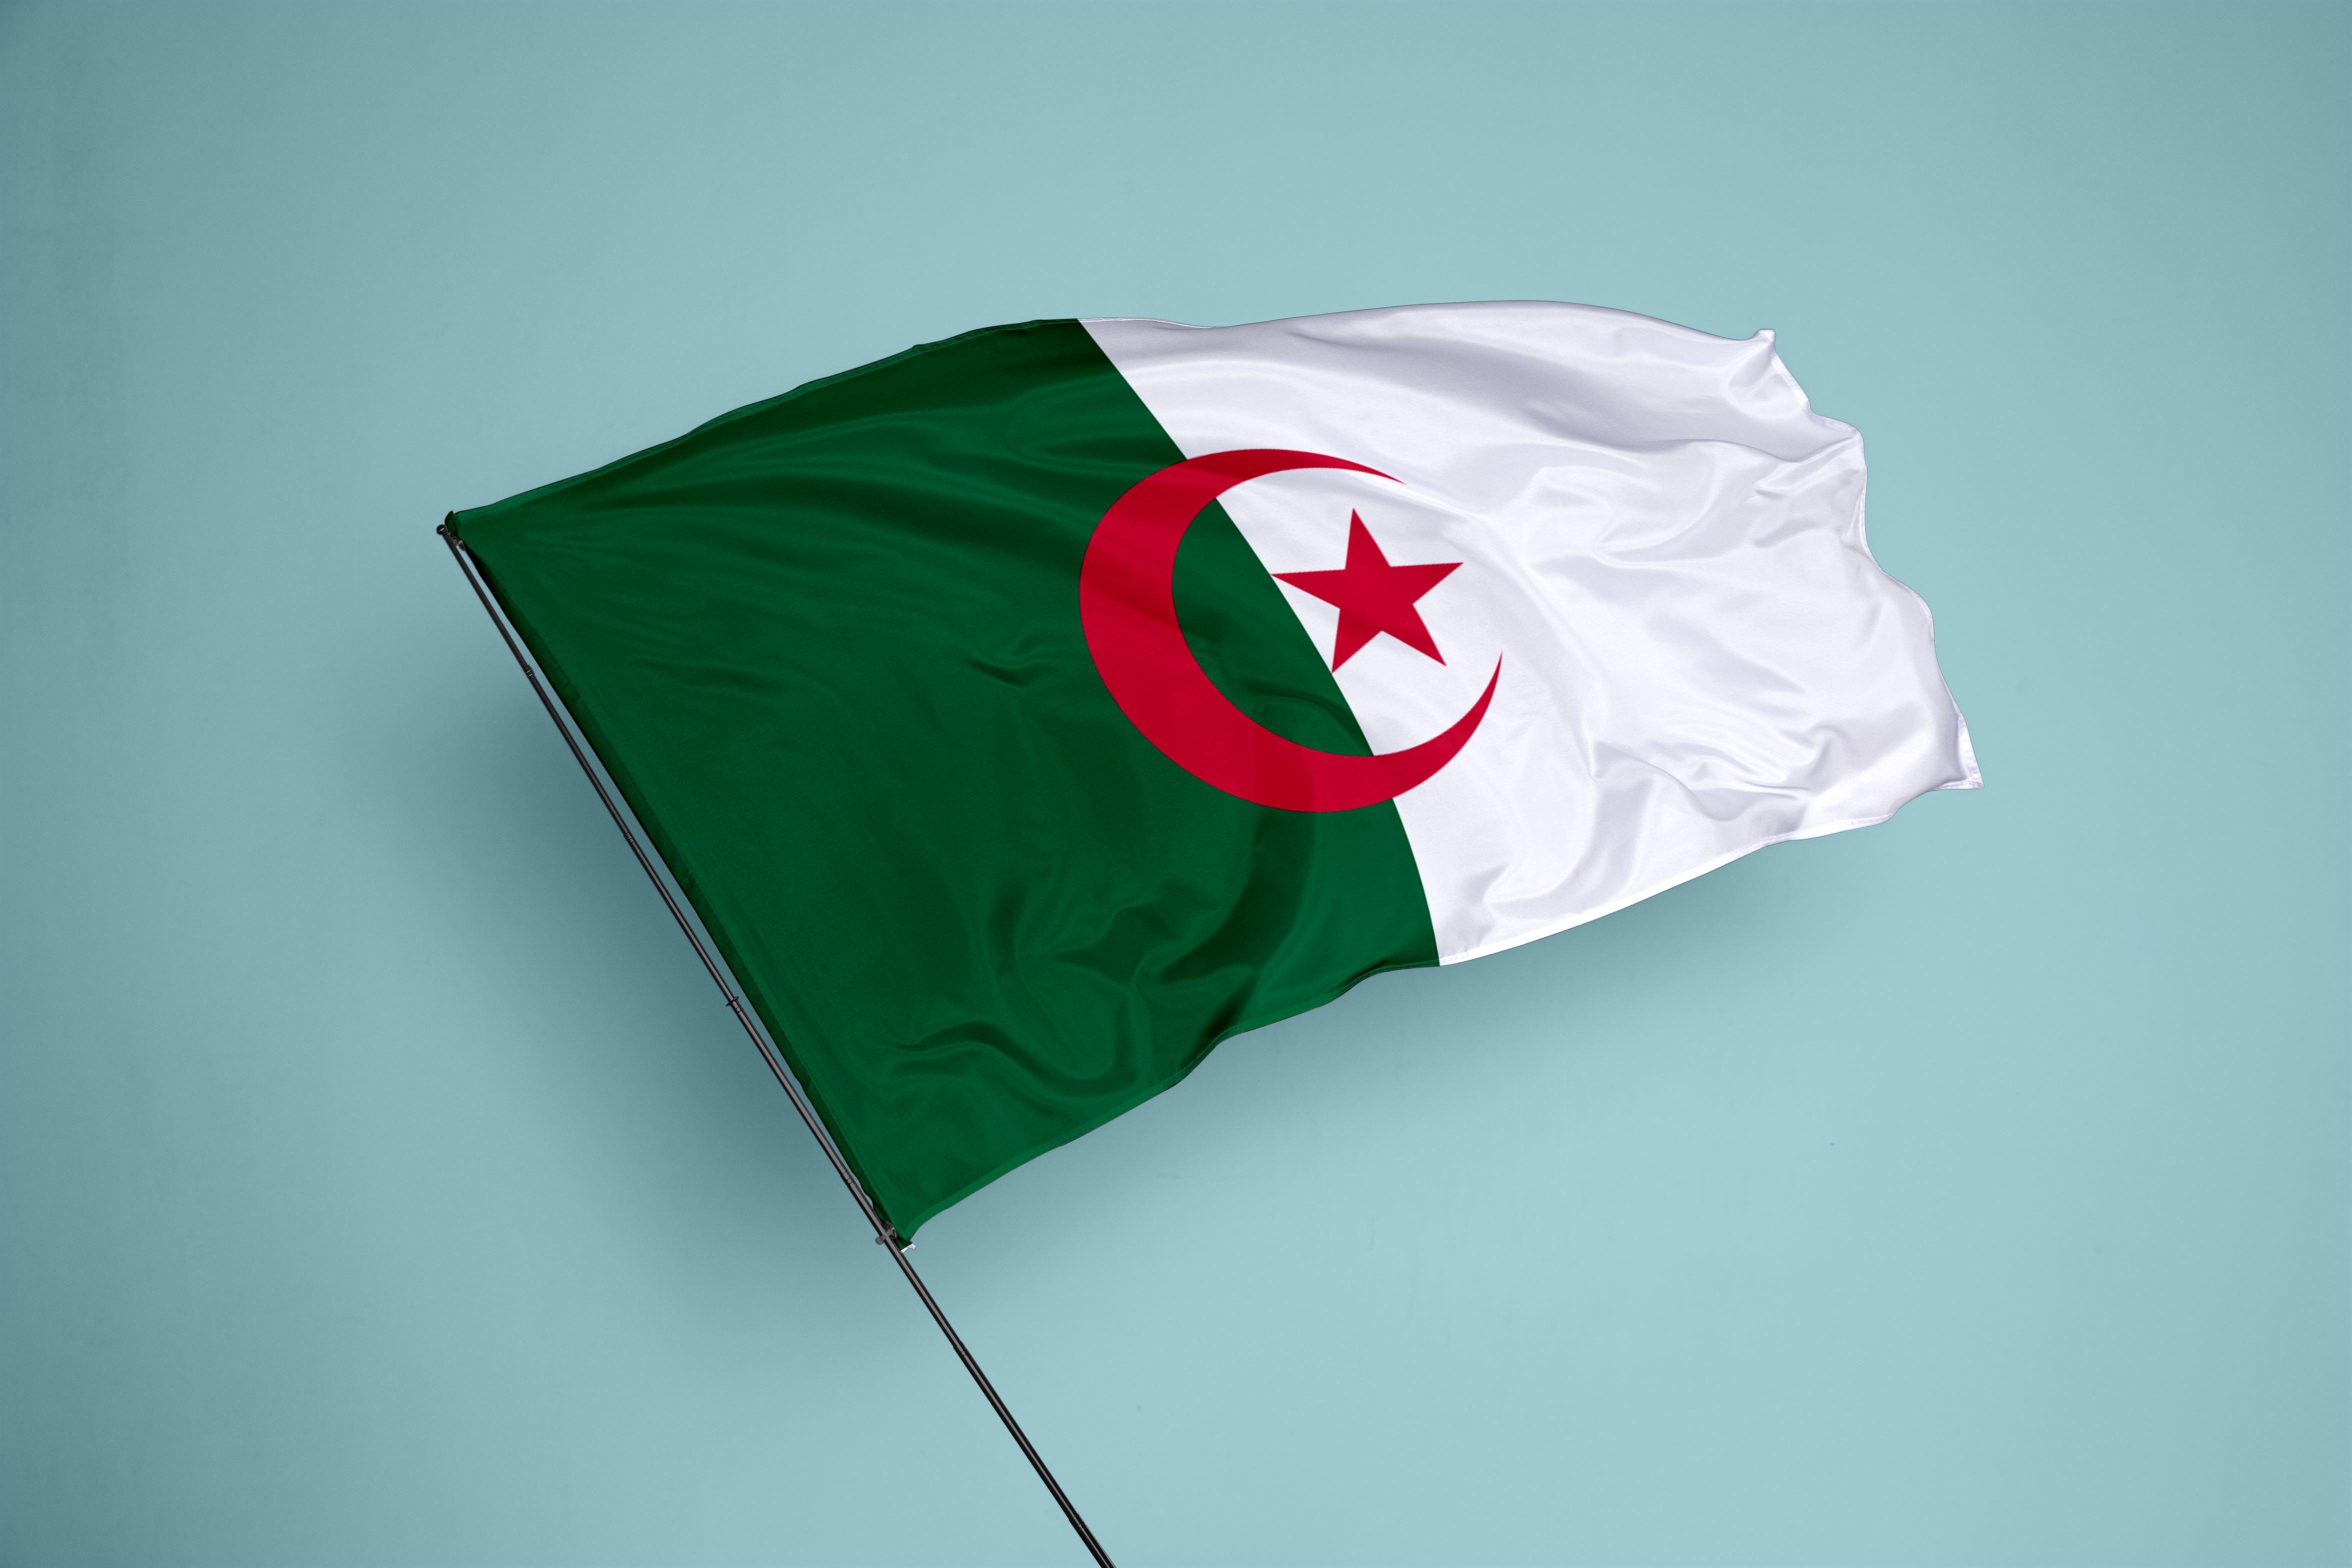 DRAPEAU NATIONAL D'ALGERIE 1*1.5m